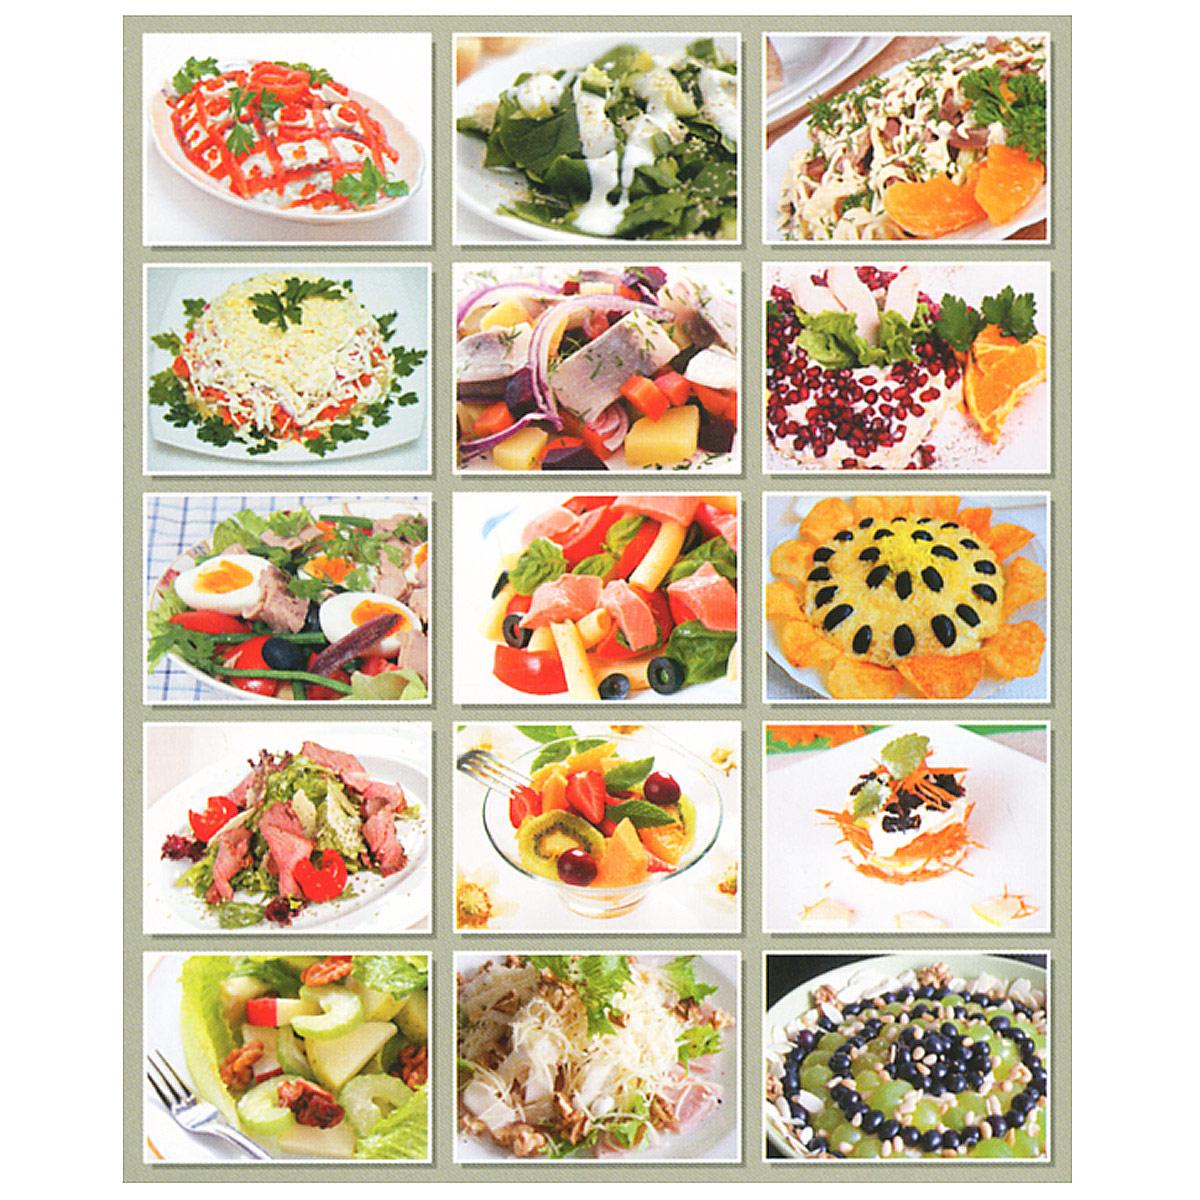 Салаты. Оригинальные рецепты (набор из 15 карточек)